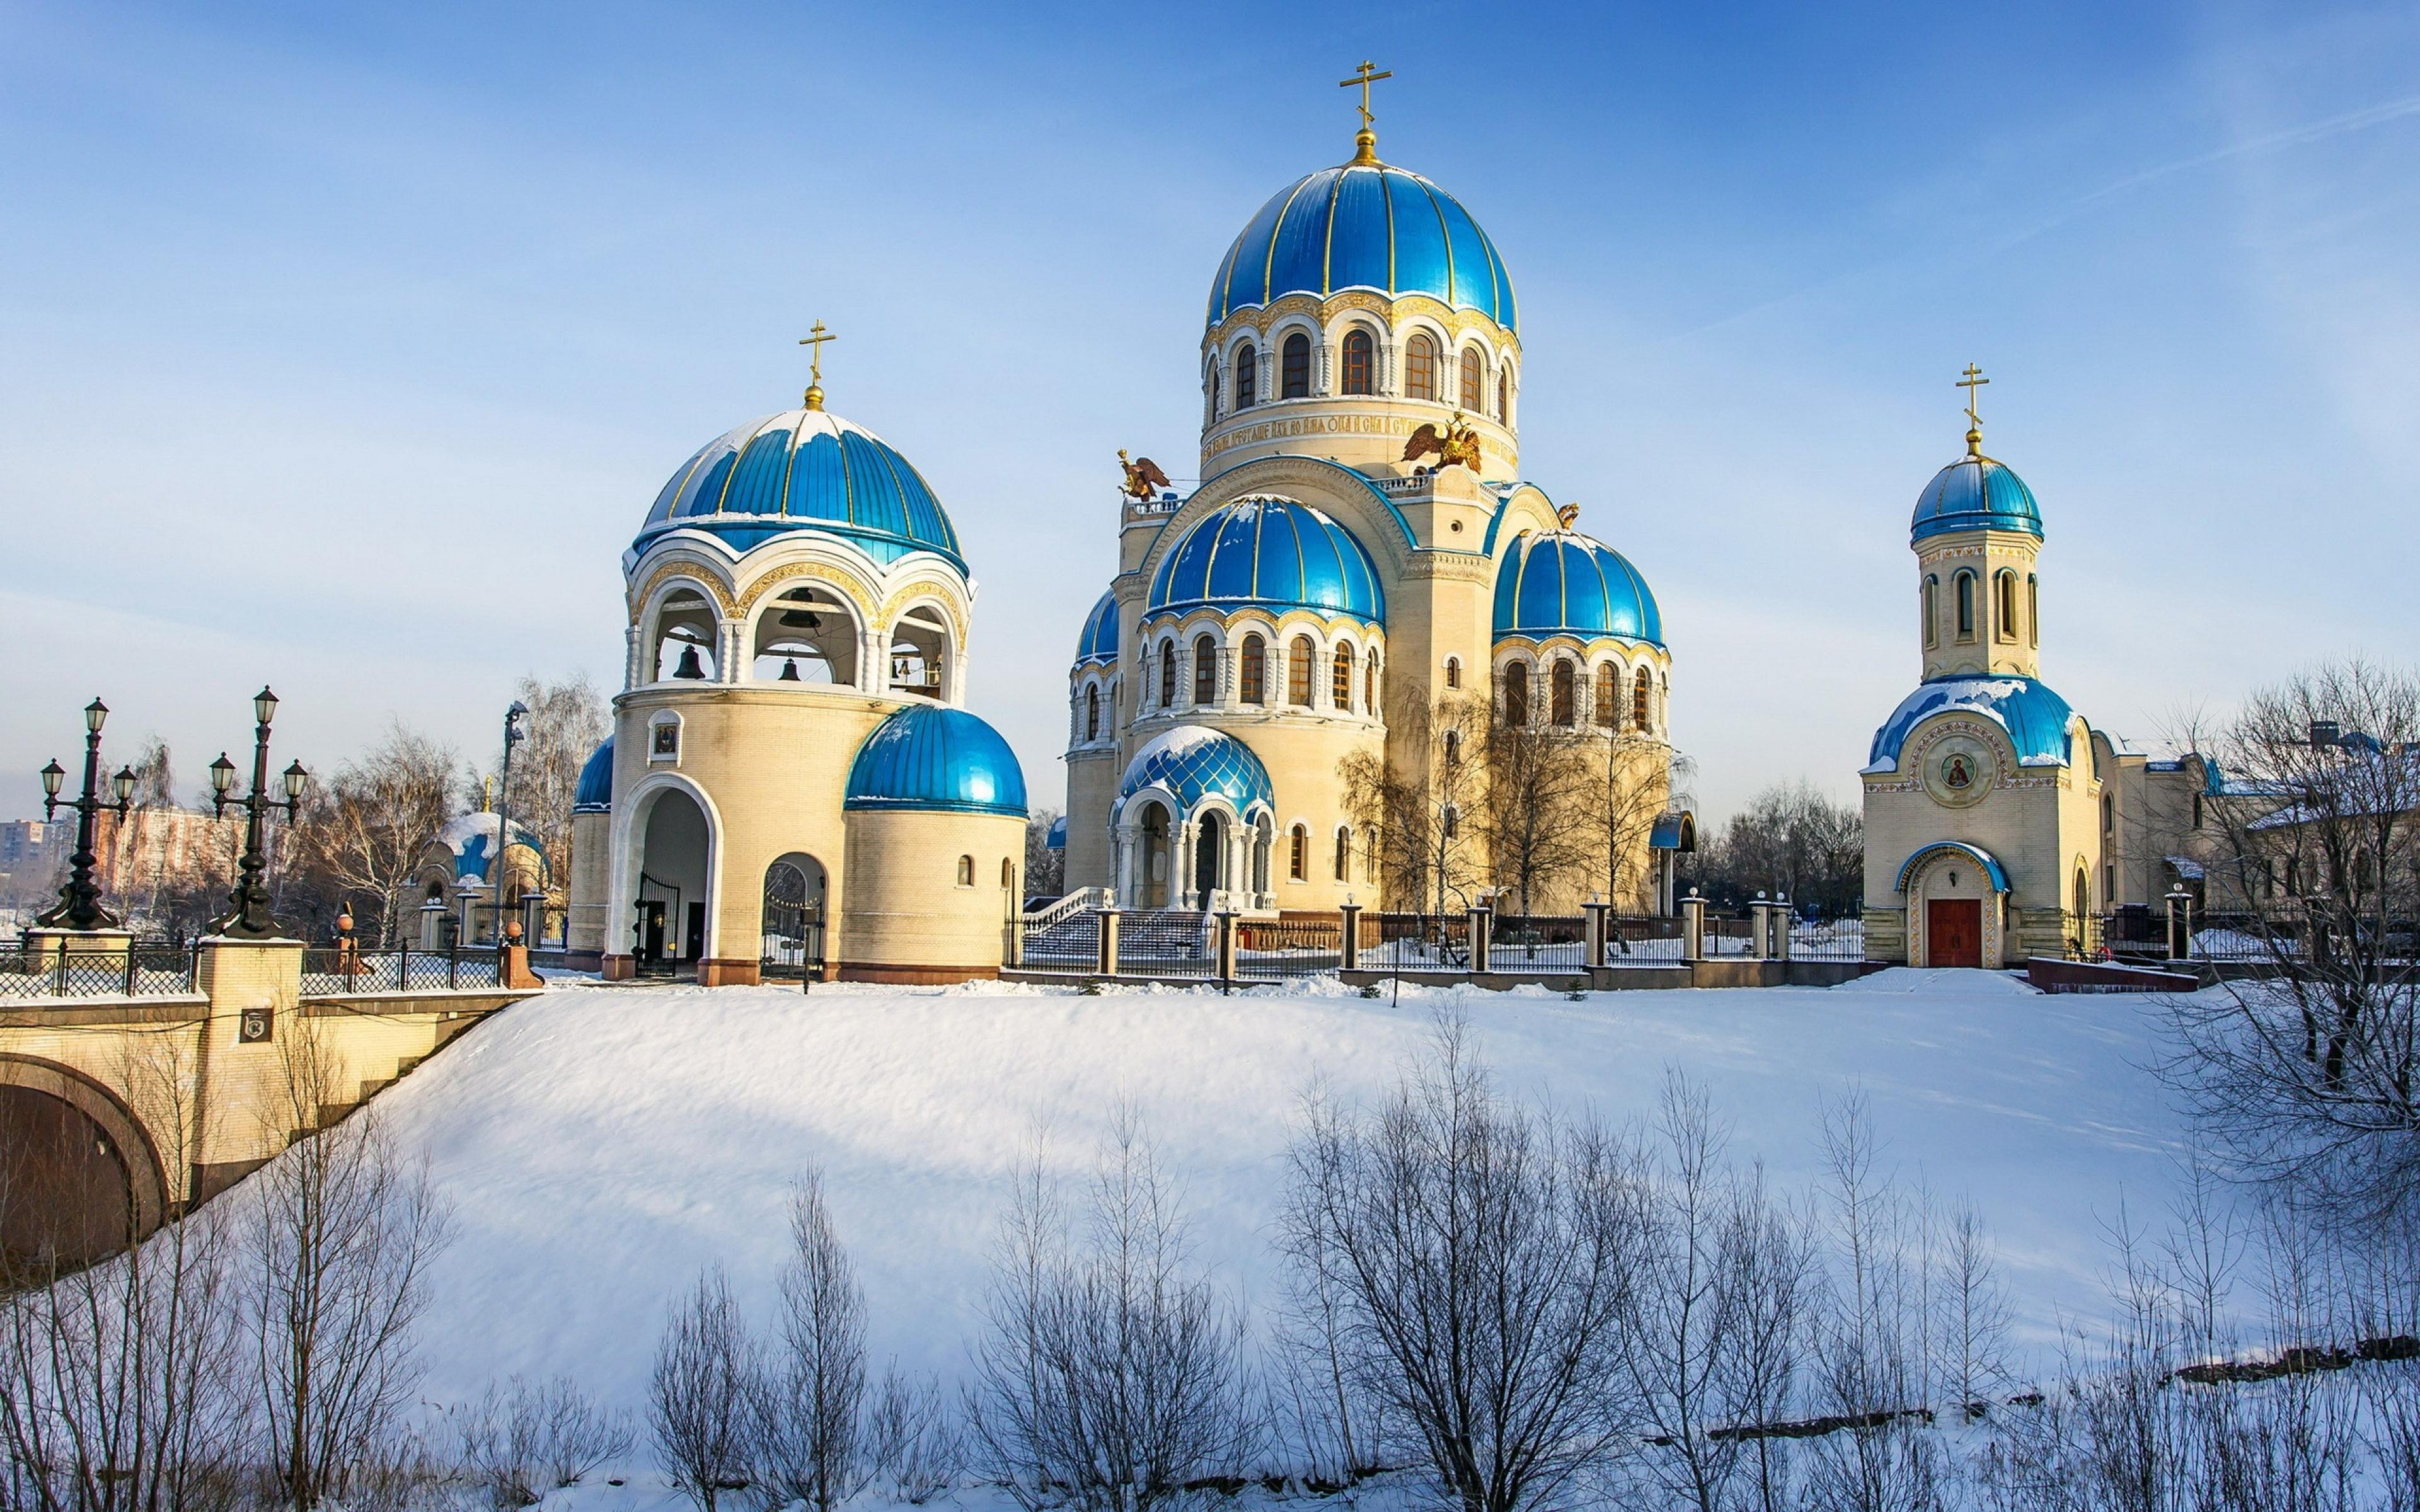 Храм Троицы Живоначальной на Борисовских прудах в Орехово-Борисово